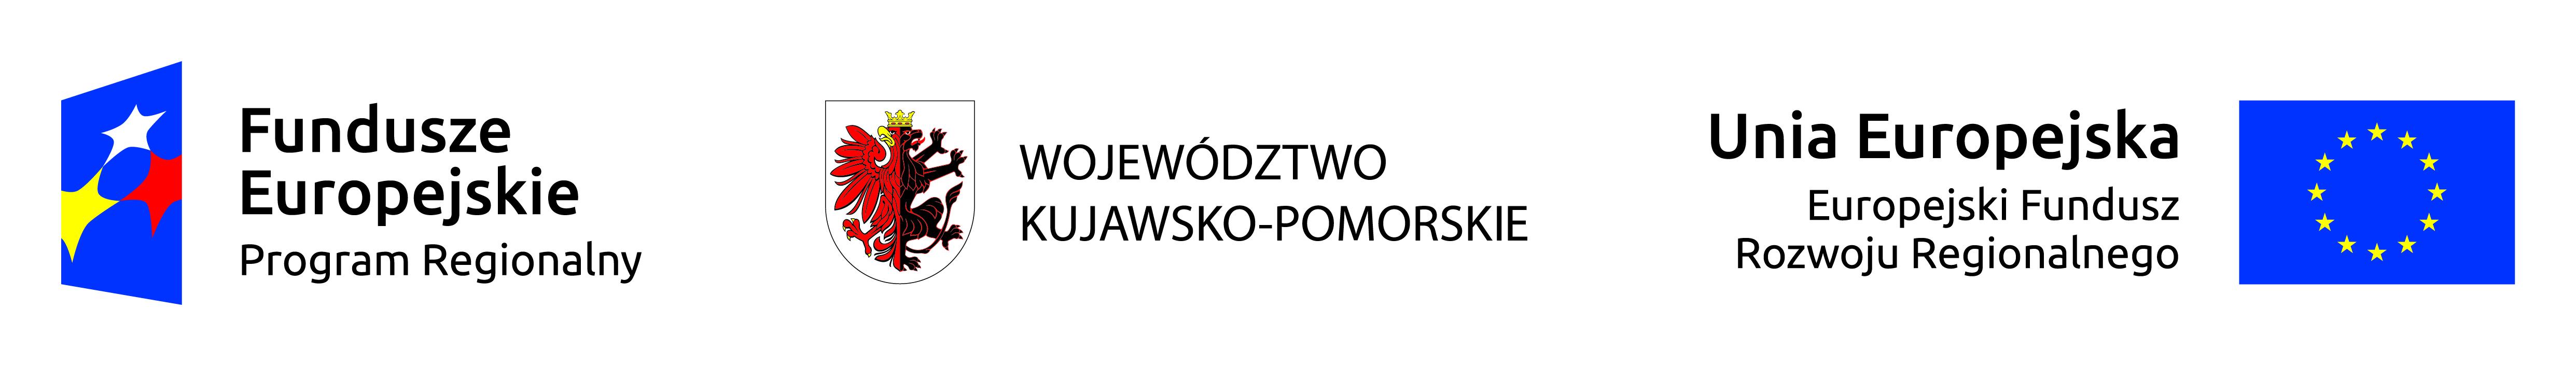 http://www.mojregion.eu/files/obrazki/logotypy/EFRR3.jpg